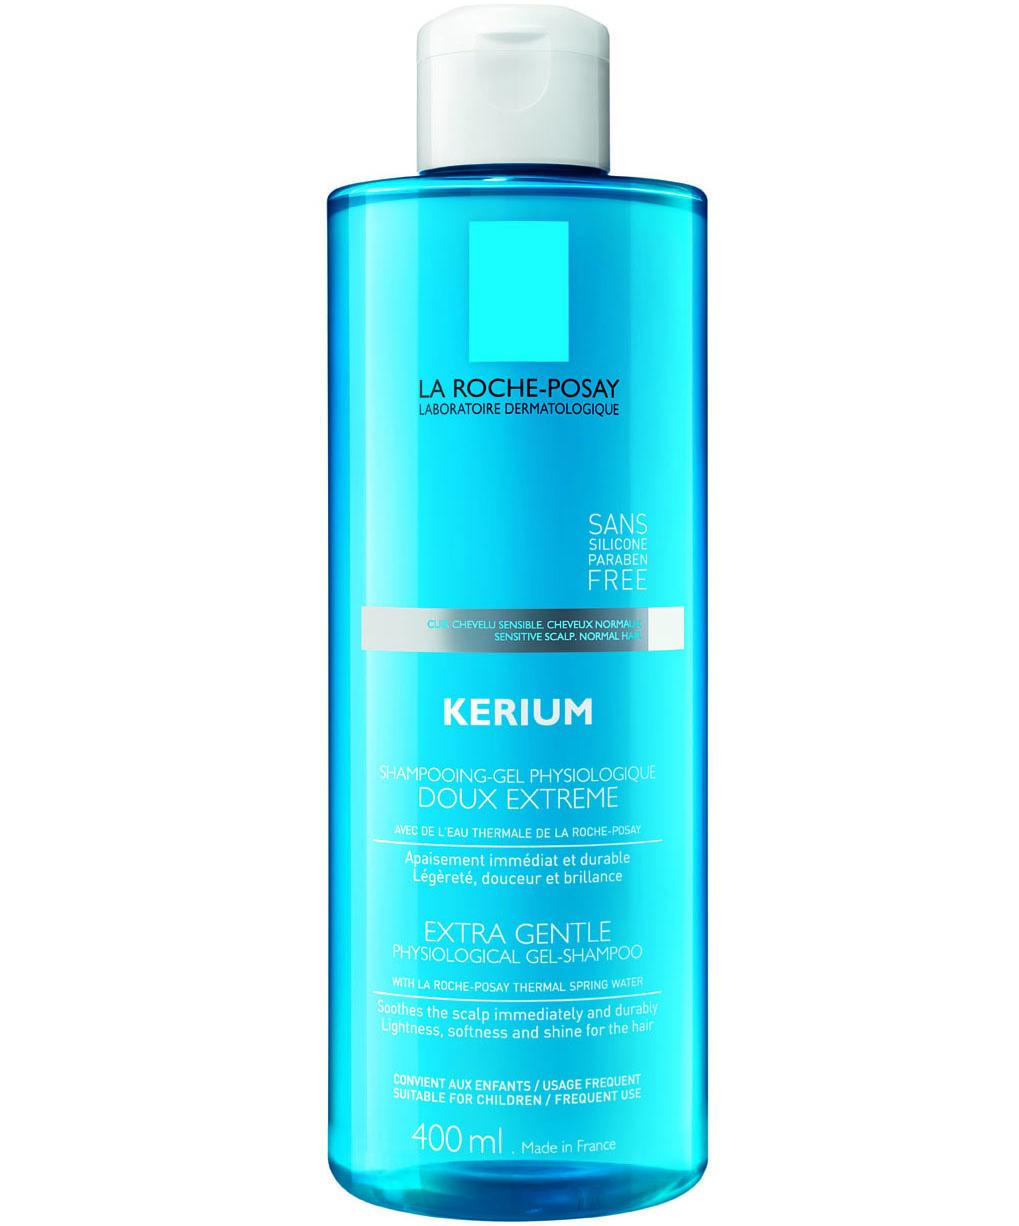 La Roche-Posay KeriumExtra Gentle Gel Shampoo για Kανονικά Μαλλιά 400ml